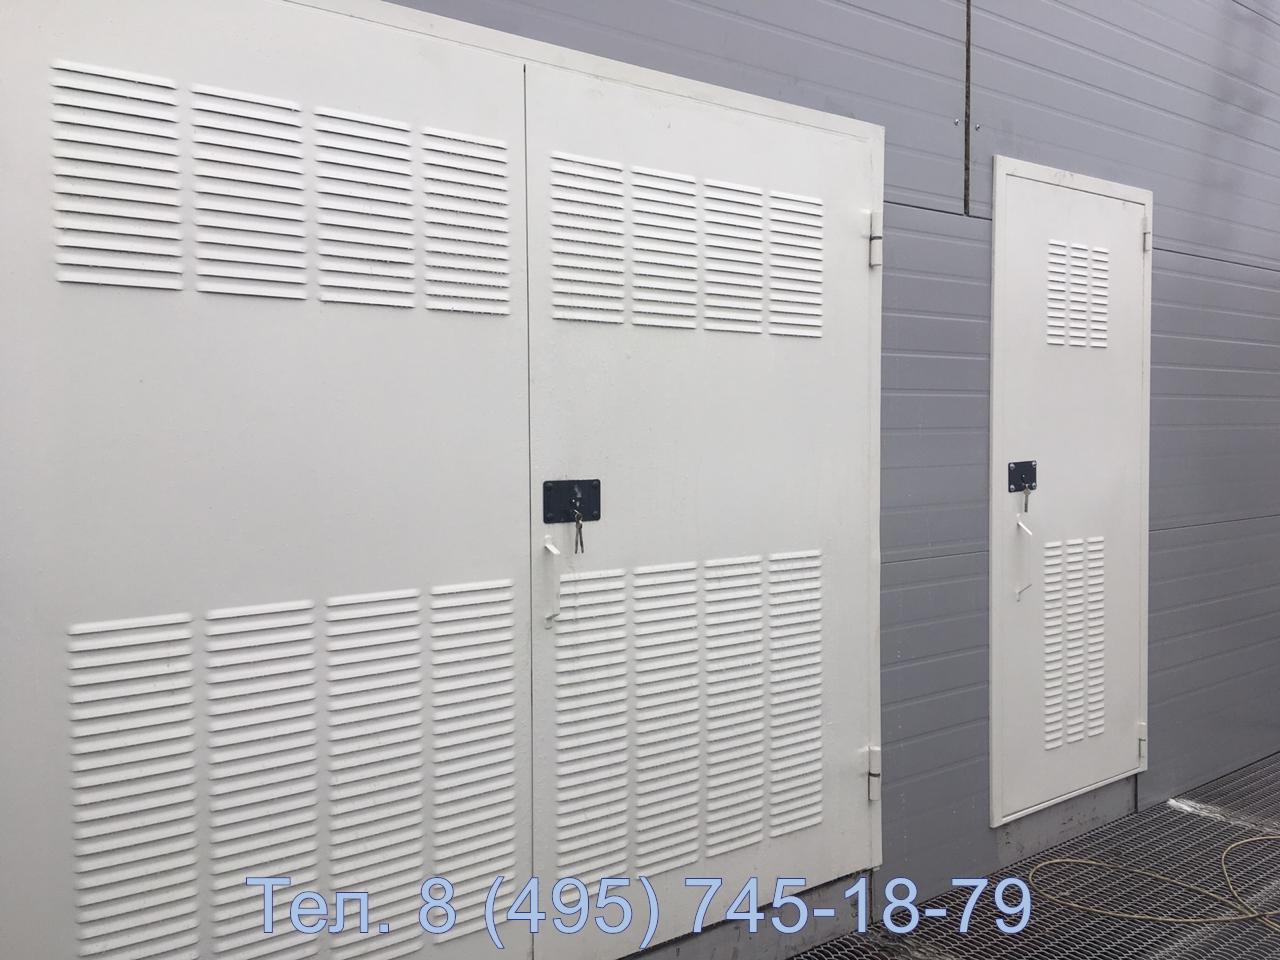 Дверь и ворота трансформаторные с перфорацией в листе для ПАО Роснефть, аэропорт Шереметьево